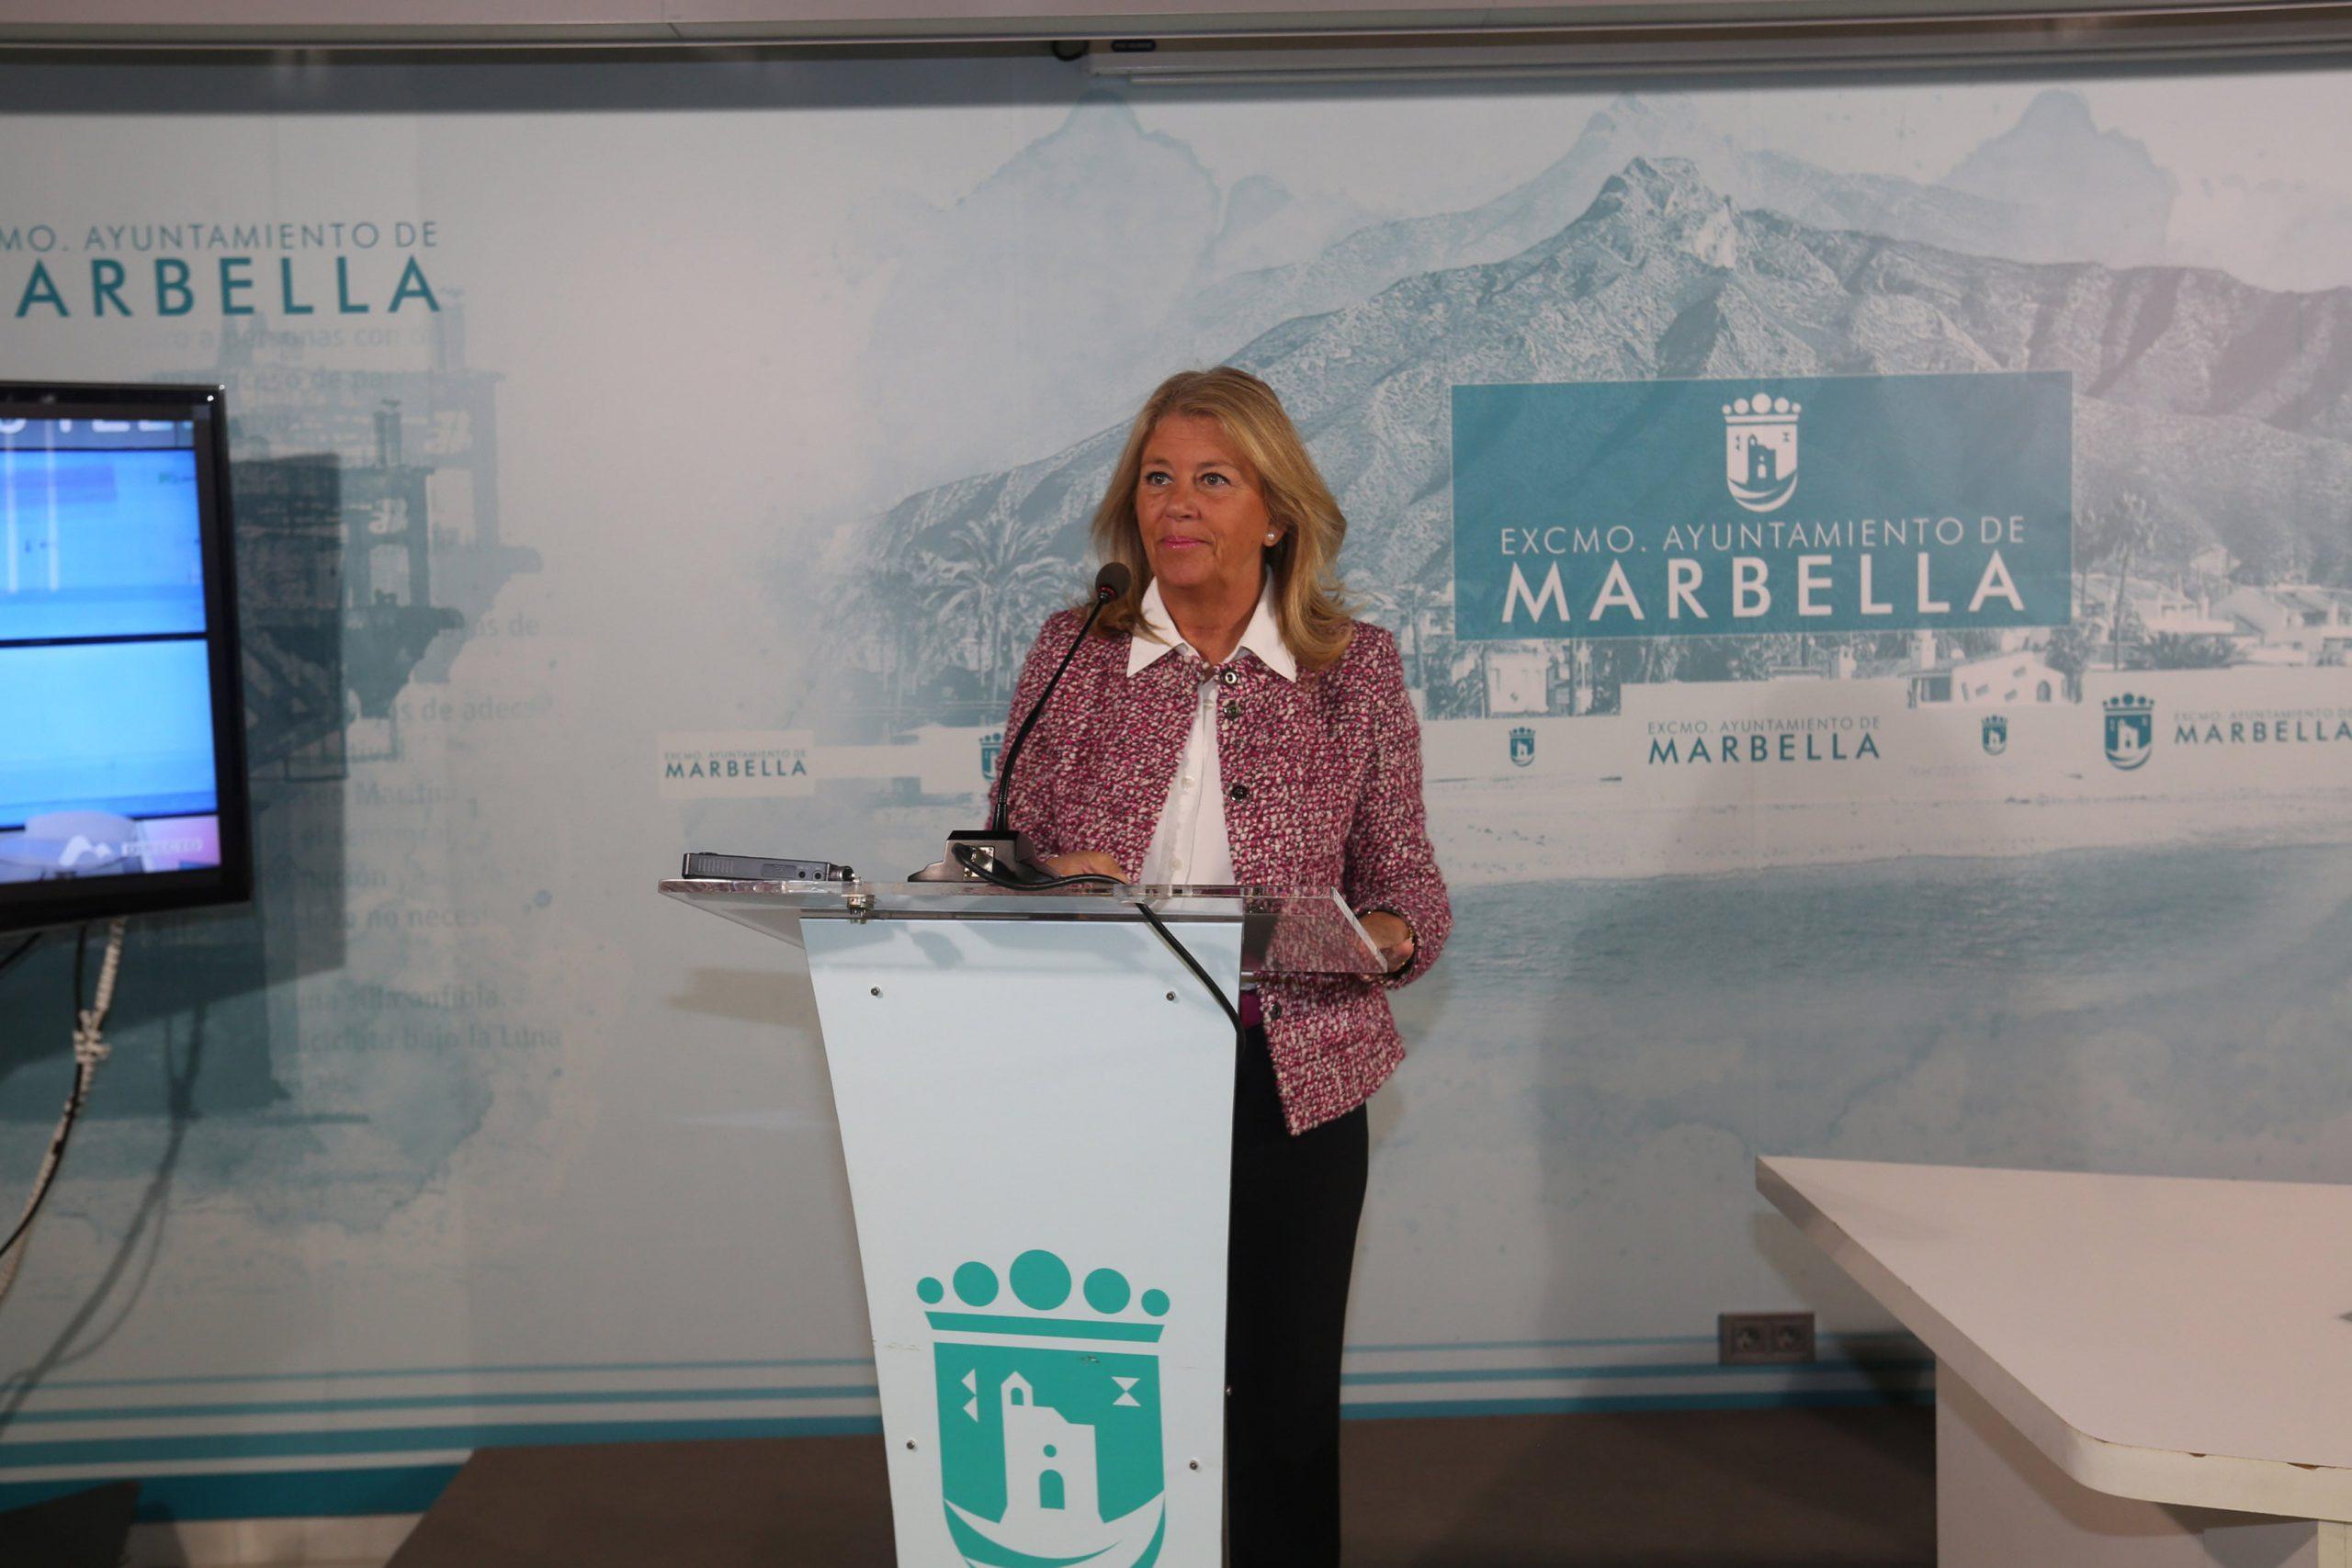 Marbella incorpora una partida extraordinaria de un millón de euros por la crisis sanitaria del Covid-19